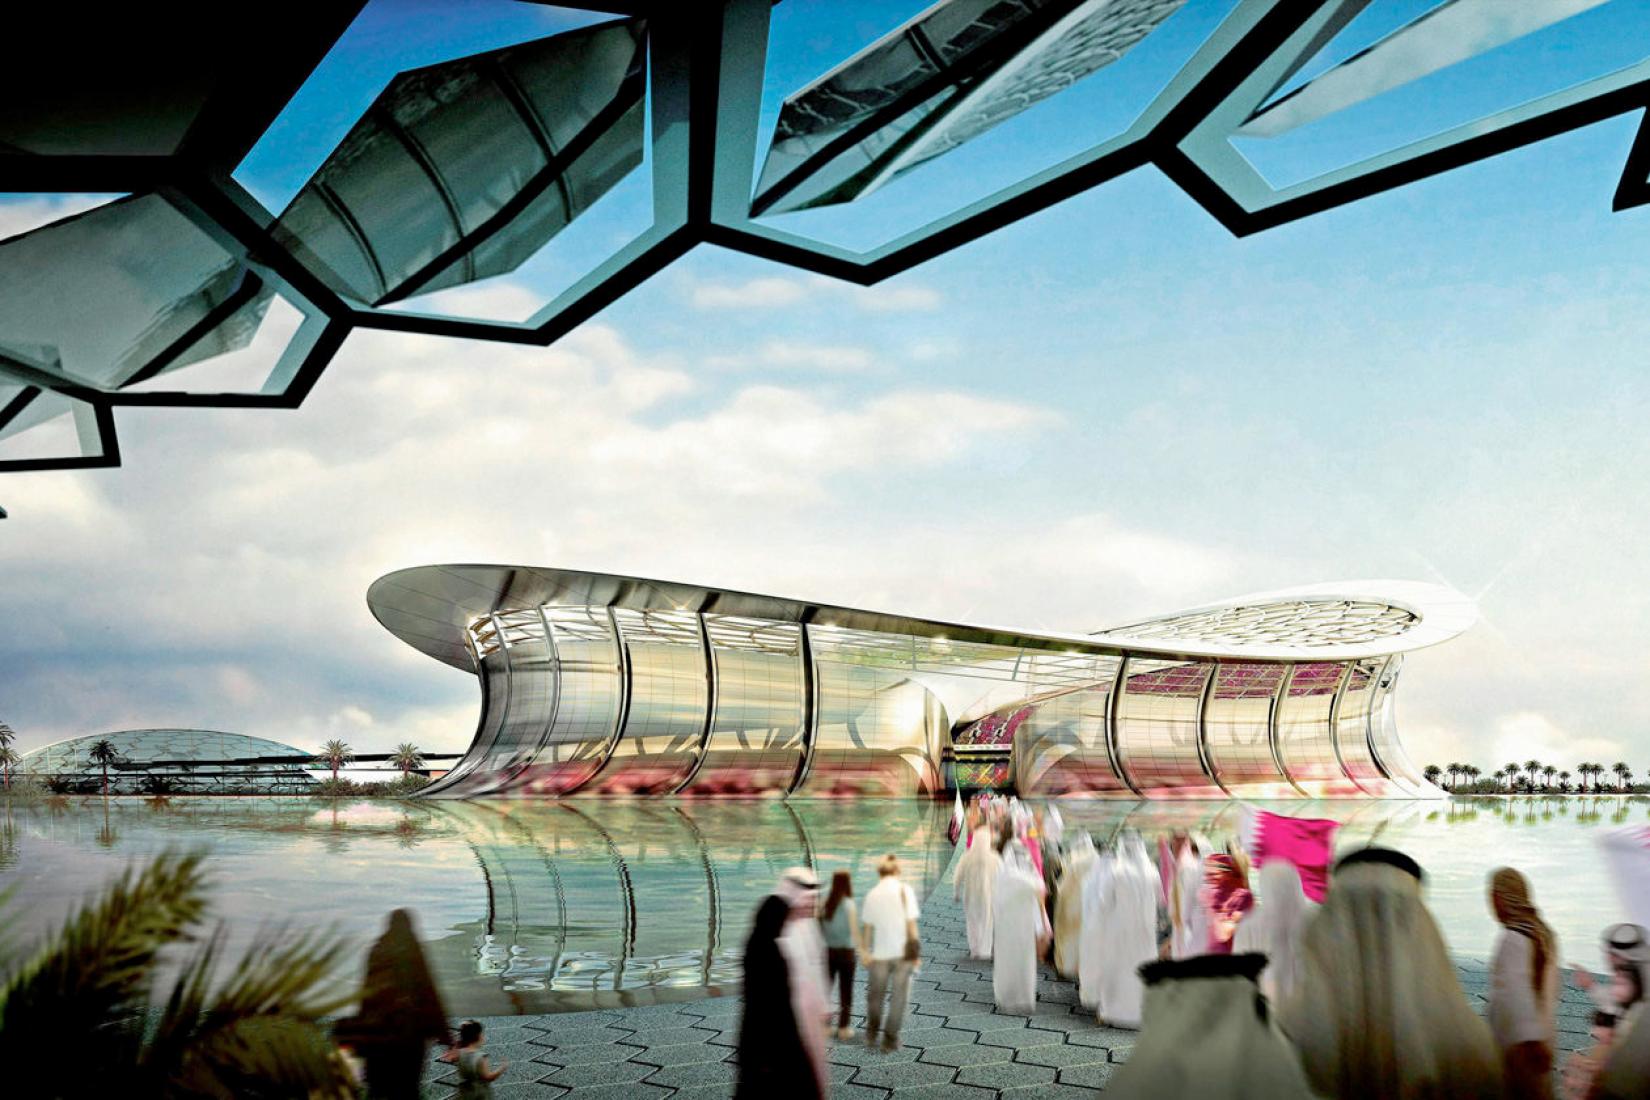 ¡La propuesta para un estadio de fútbol de clase mundial será construida en Lusail, Catar, a tiempo para la final de la emocionante Copa del Mundo 2022! Diseñado por los arquitectos Foster and Partners, el estadio tendrá una capacidad de 86.000 espectadores.